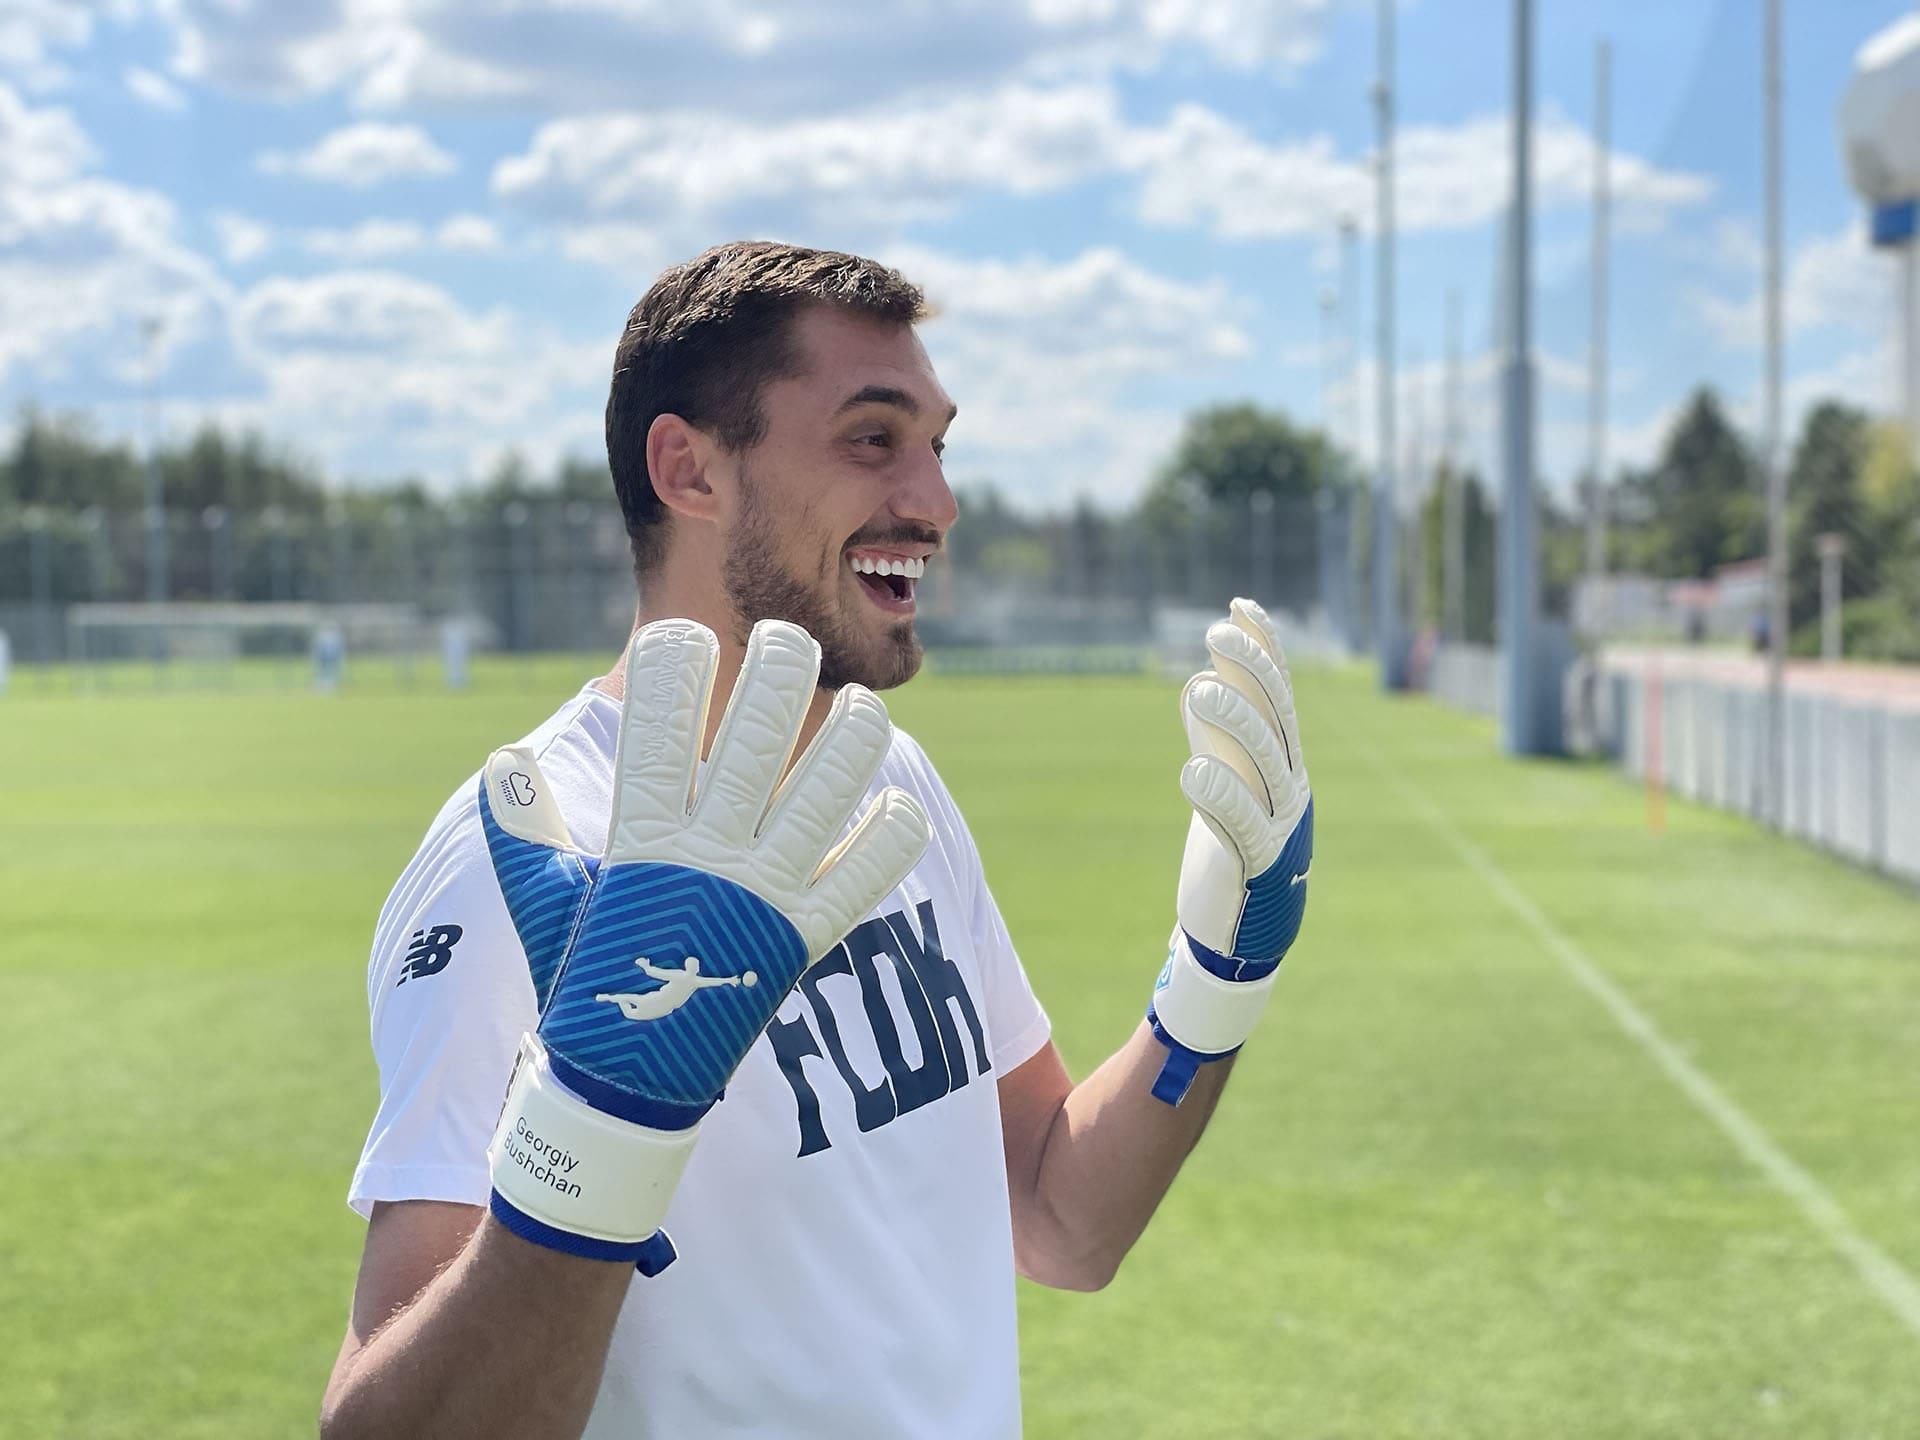 Георгій Бущан - один з кращих воротарів в історії ФК Динамо - офіційний інтернет-магазин Brave GK